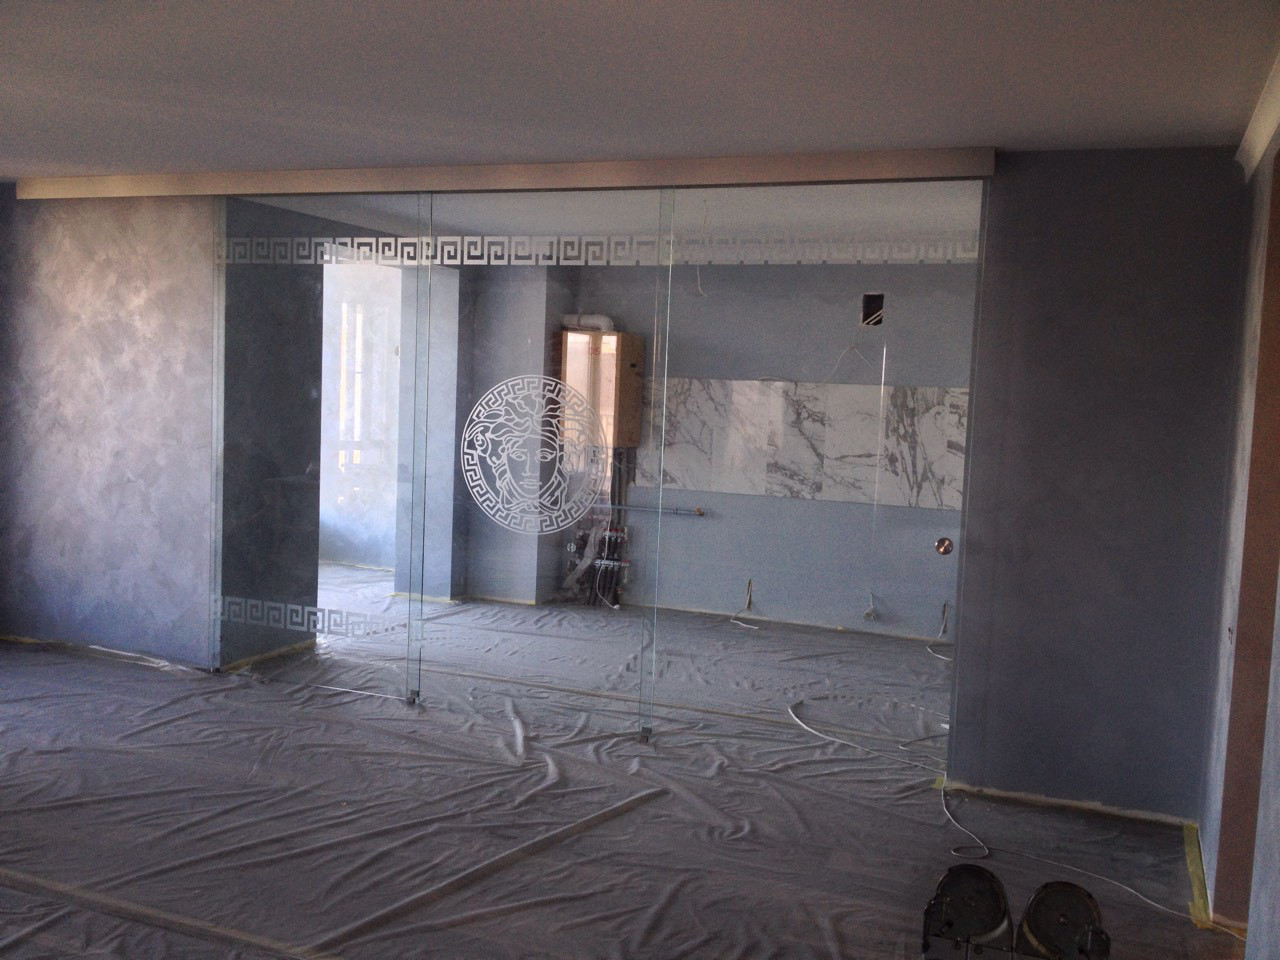 1 Раздвижная дверь из стекла - Стеклянная раздвижная перегородка из прозрачного каленного стекла с рисунком